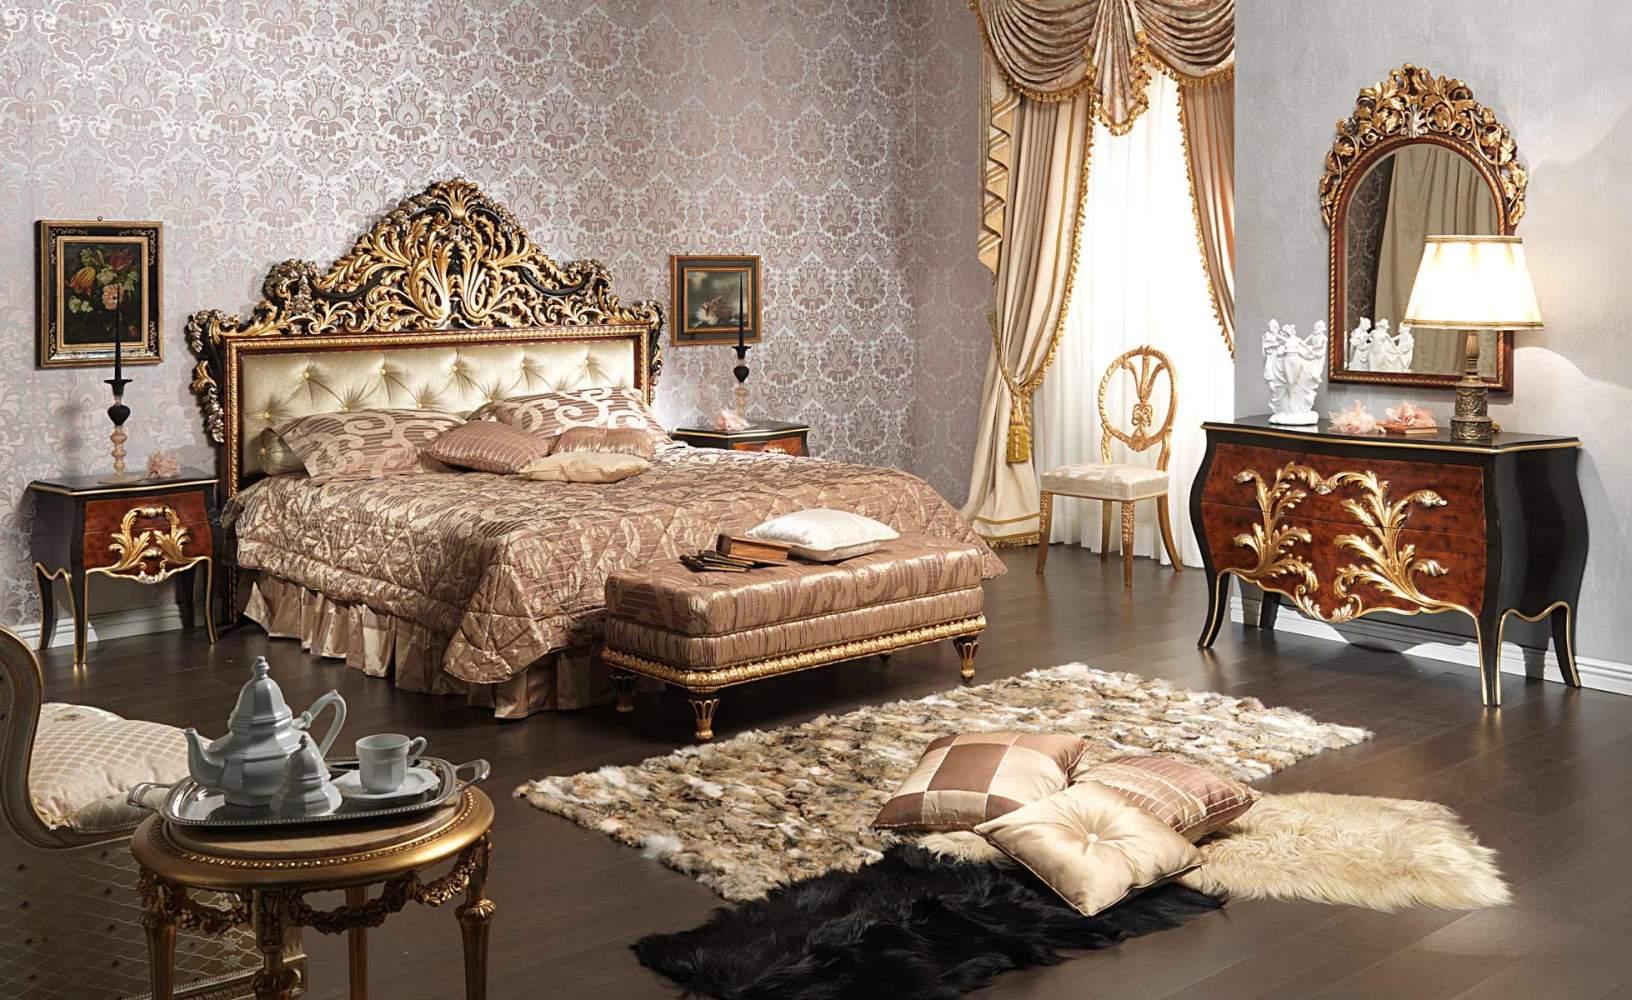 Chambre à coucher classique Emperador Black en bois gravé, tables de nuit, table basse, commode et miroir